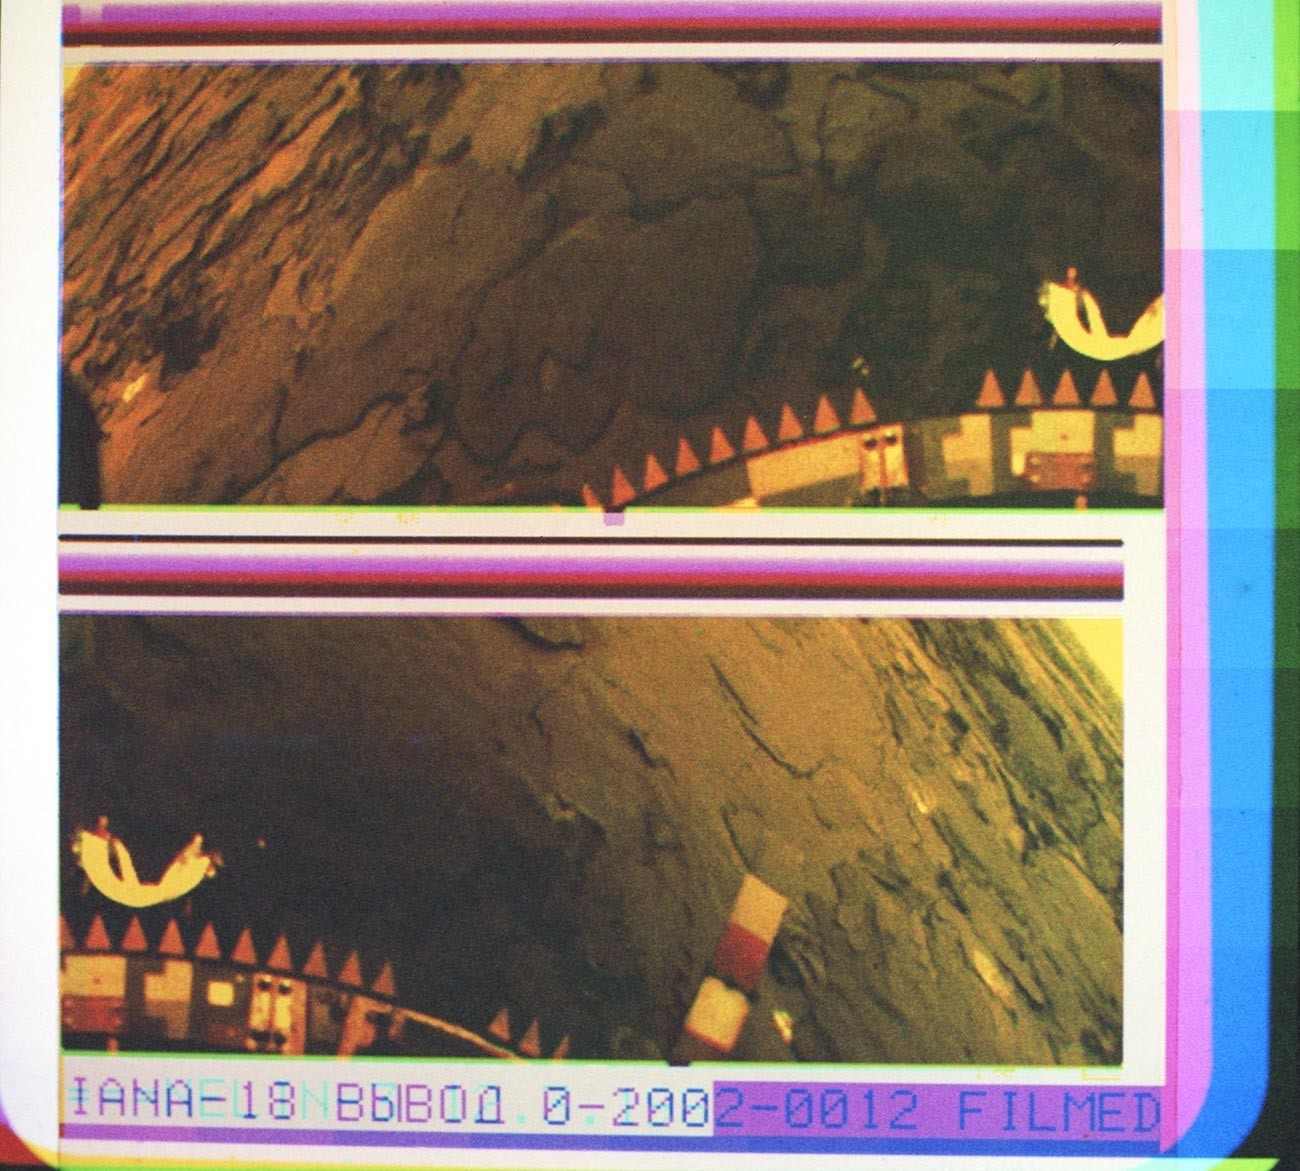 """Панорамска колор фотографија од површината на Венера, испратена од сондата """"Венера 14"""". Добиена со синтеза на три снимки емитувани низ колор филтри. Обработка на фотографијата: Центар за далечна космичка врска и Институт за проблеми на емитување податоци при Академијата на науките на СССР."""